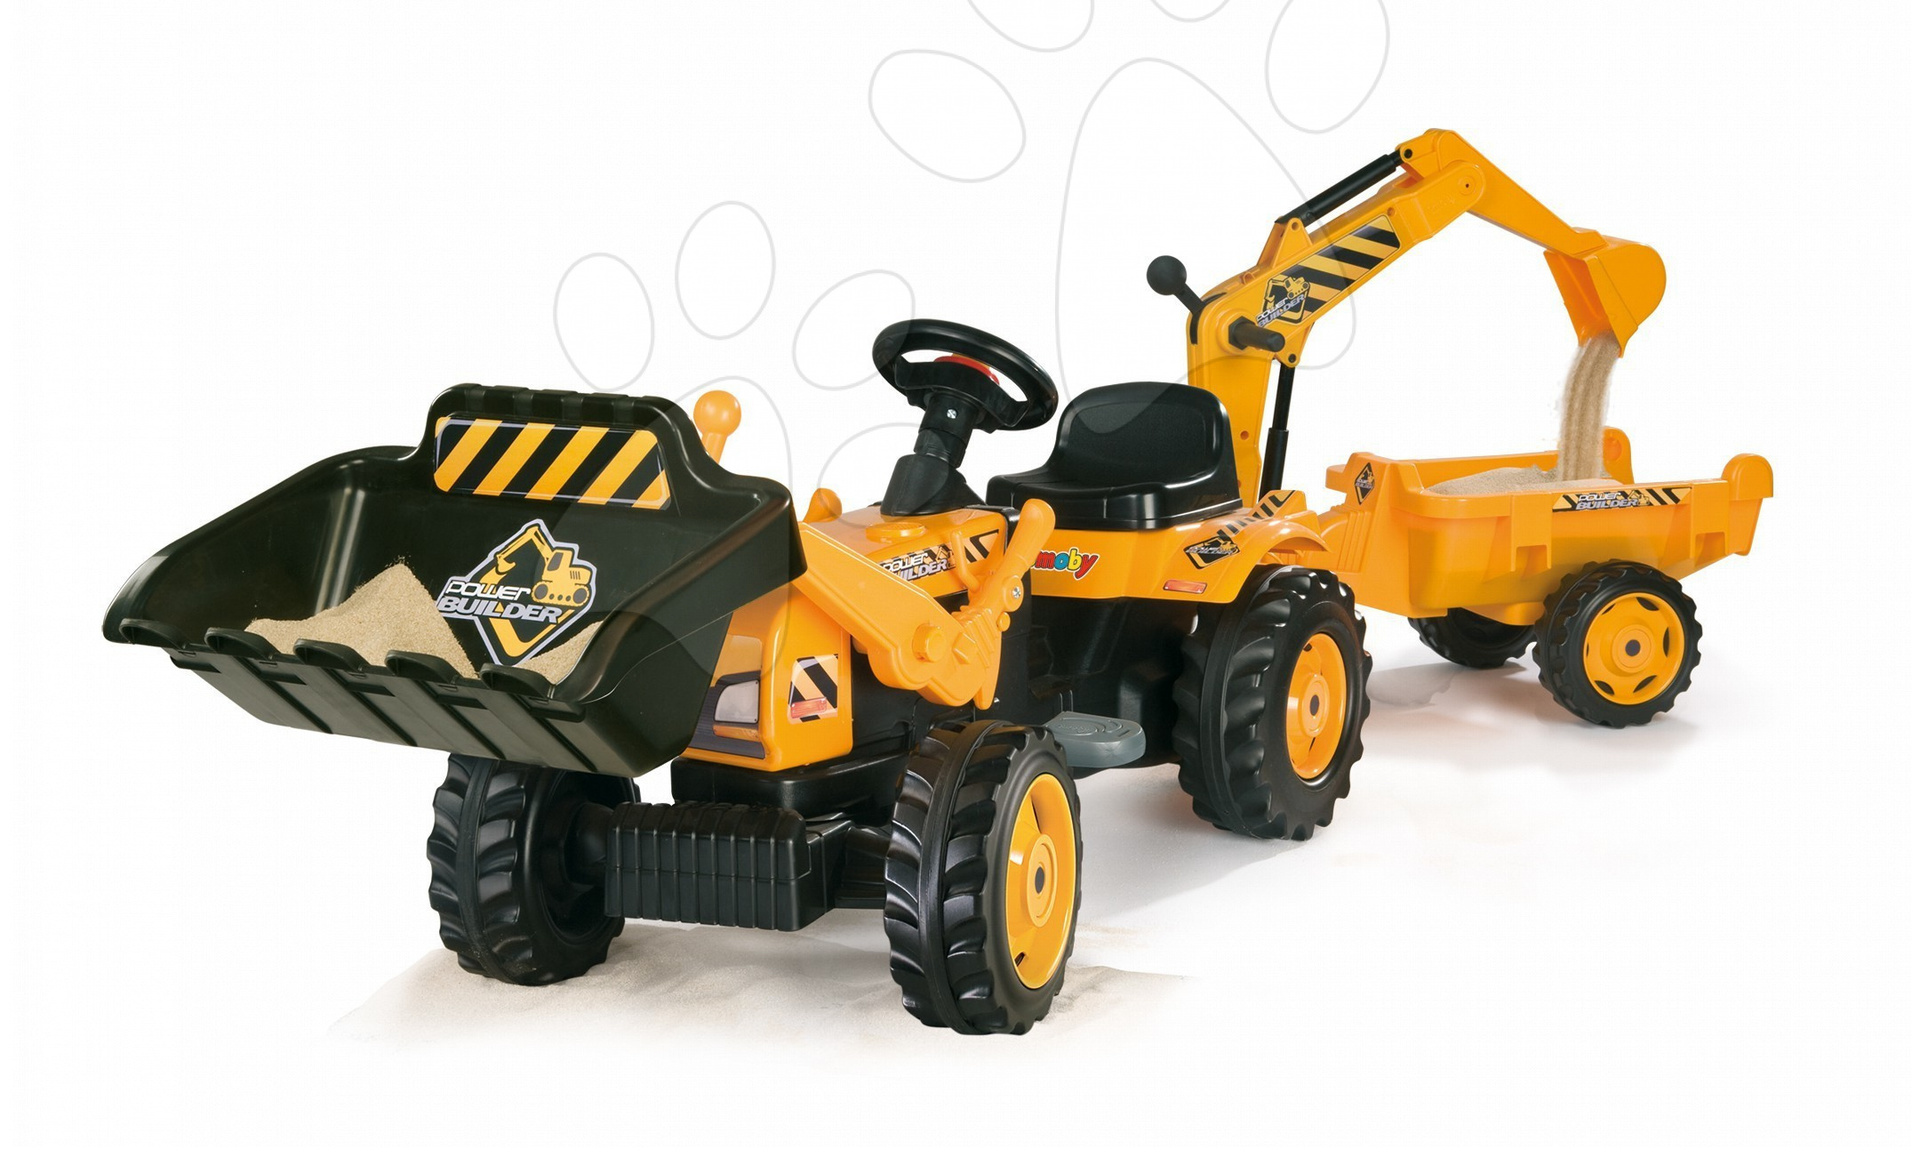 Produse vechi - Tractor cu pedale Power Builder Smoby cu remorcă, încărcător frontal și cupă galben